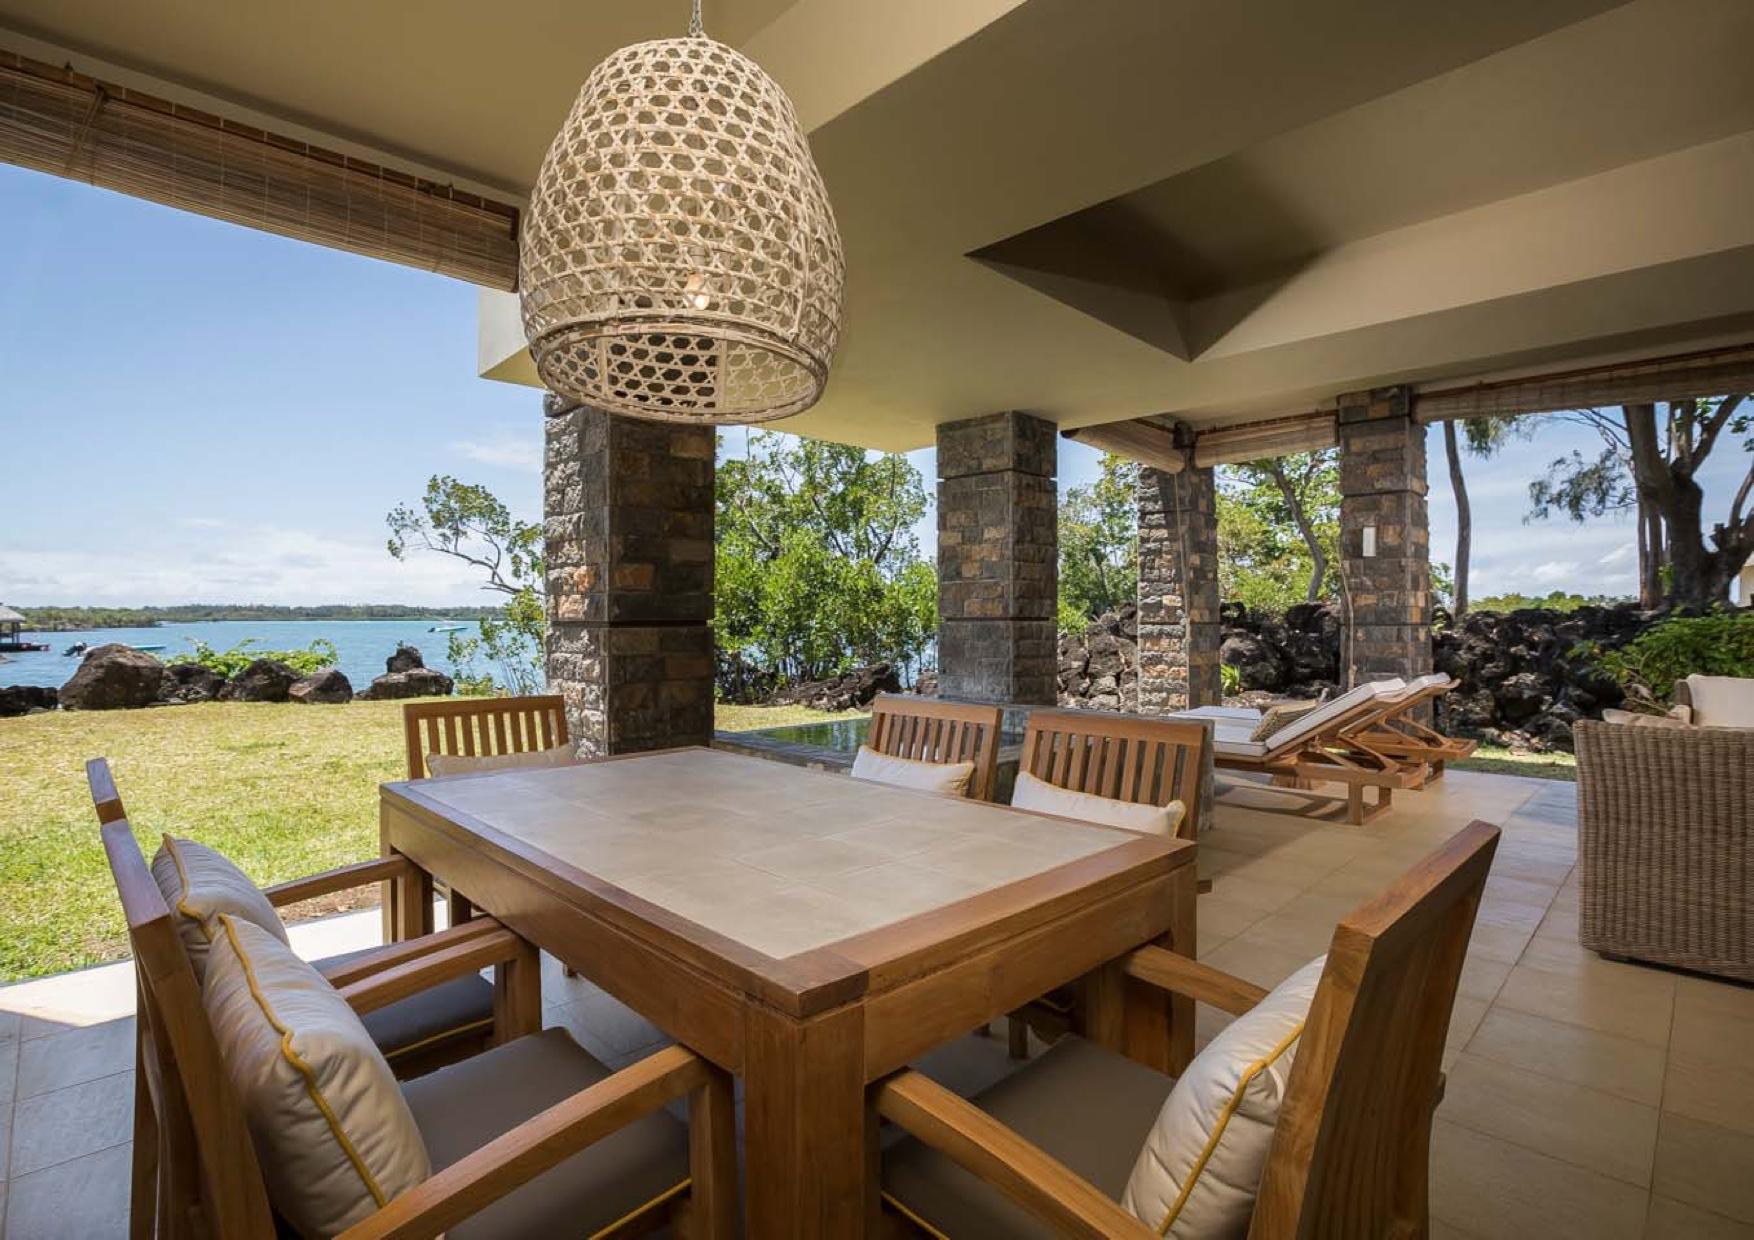 Appartement de 184 m2 idéalement situé, une vue magnifique sur la mer